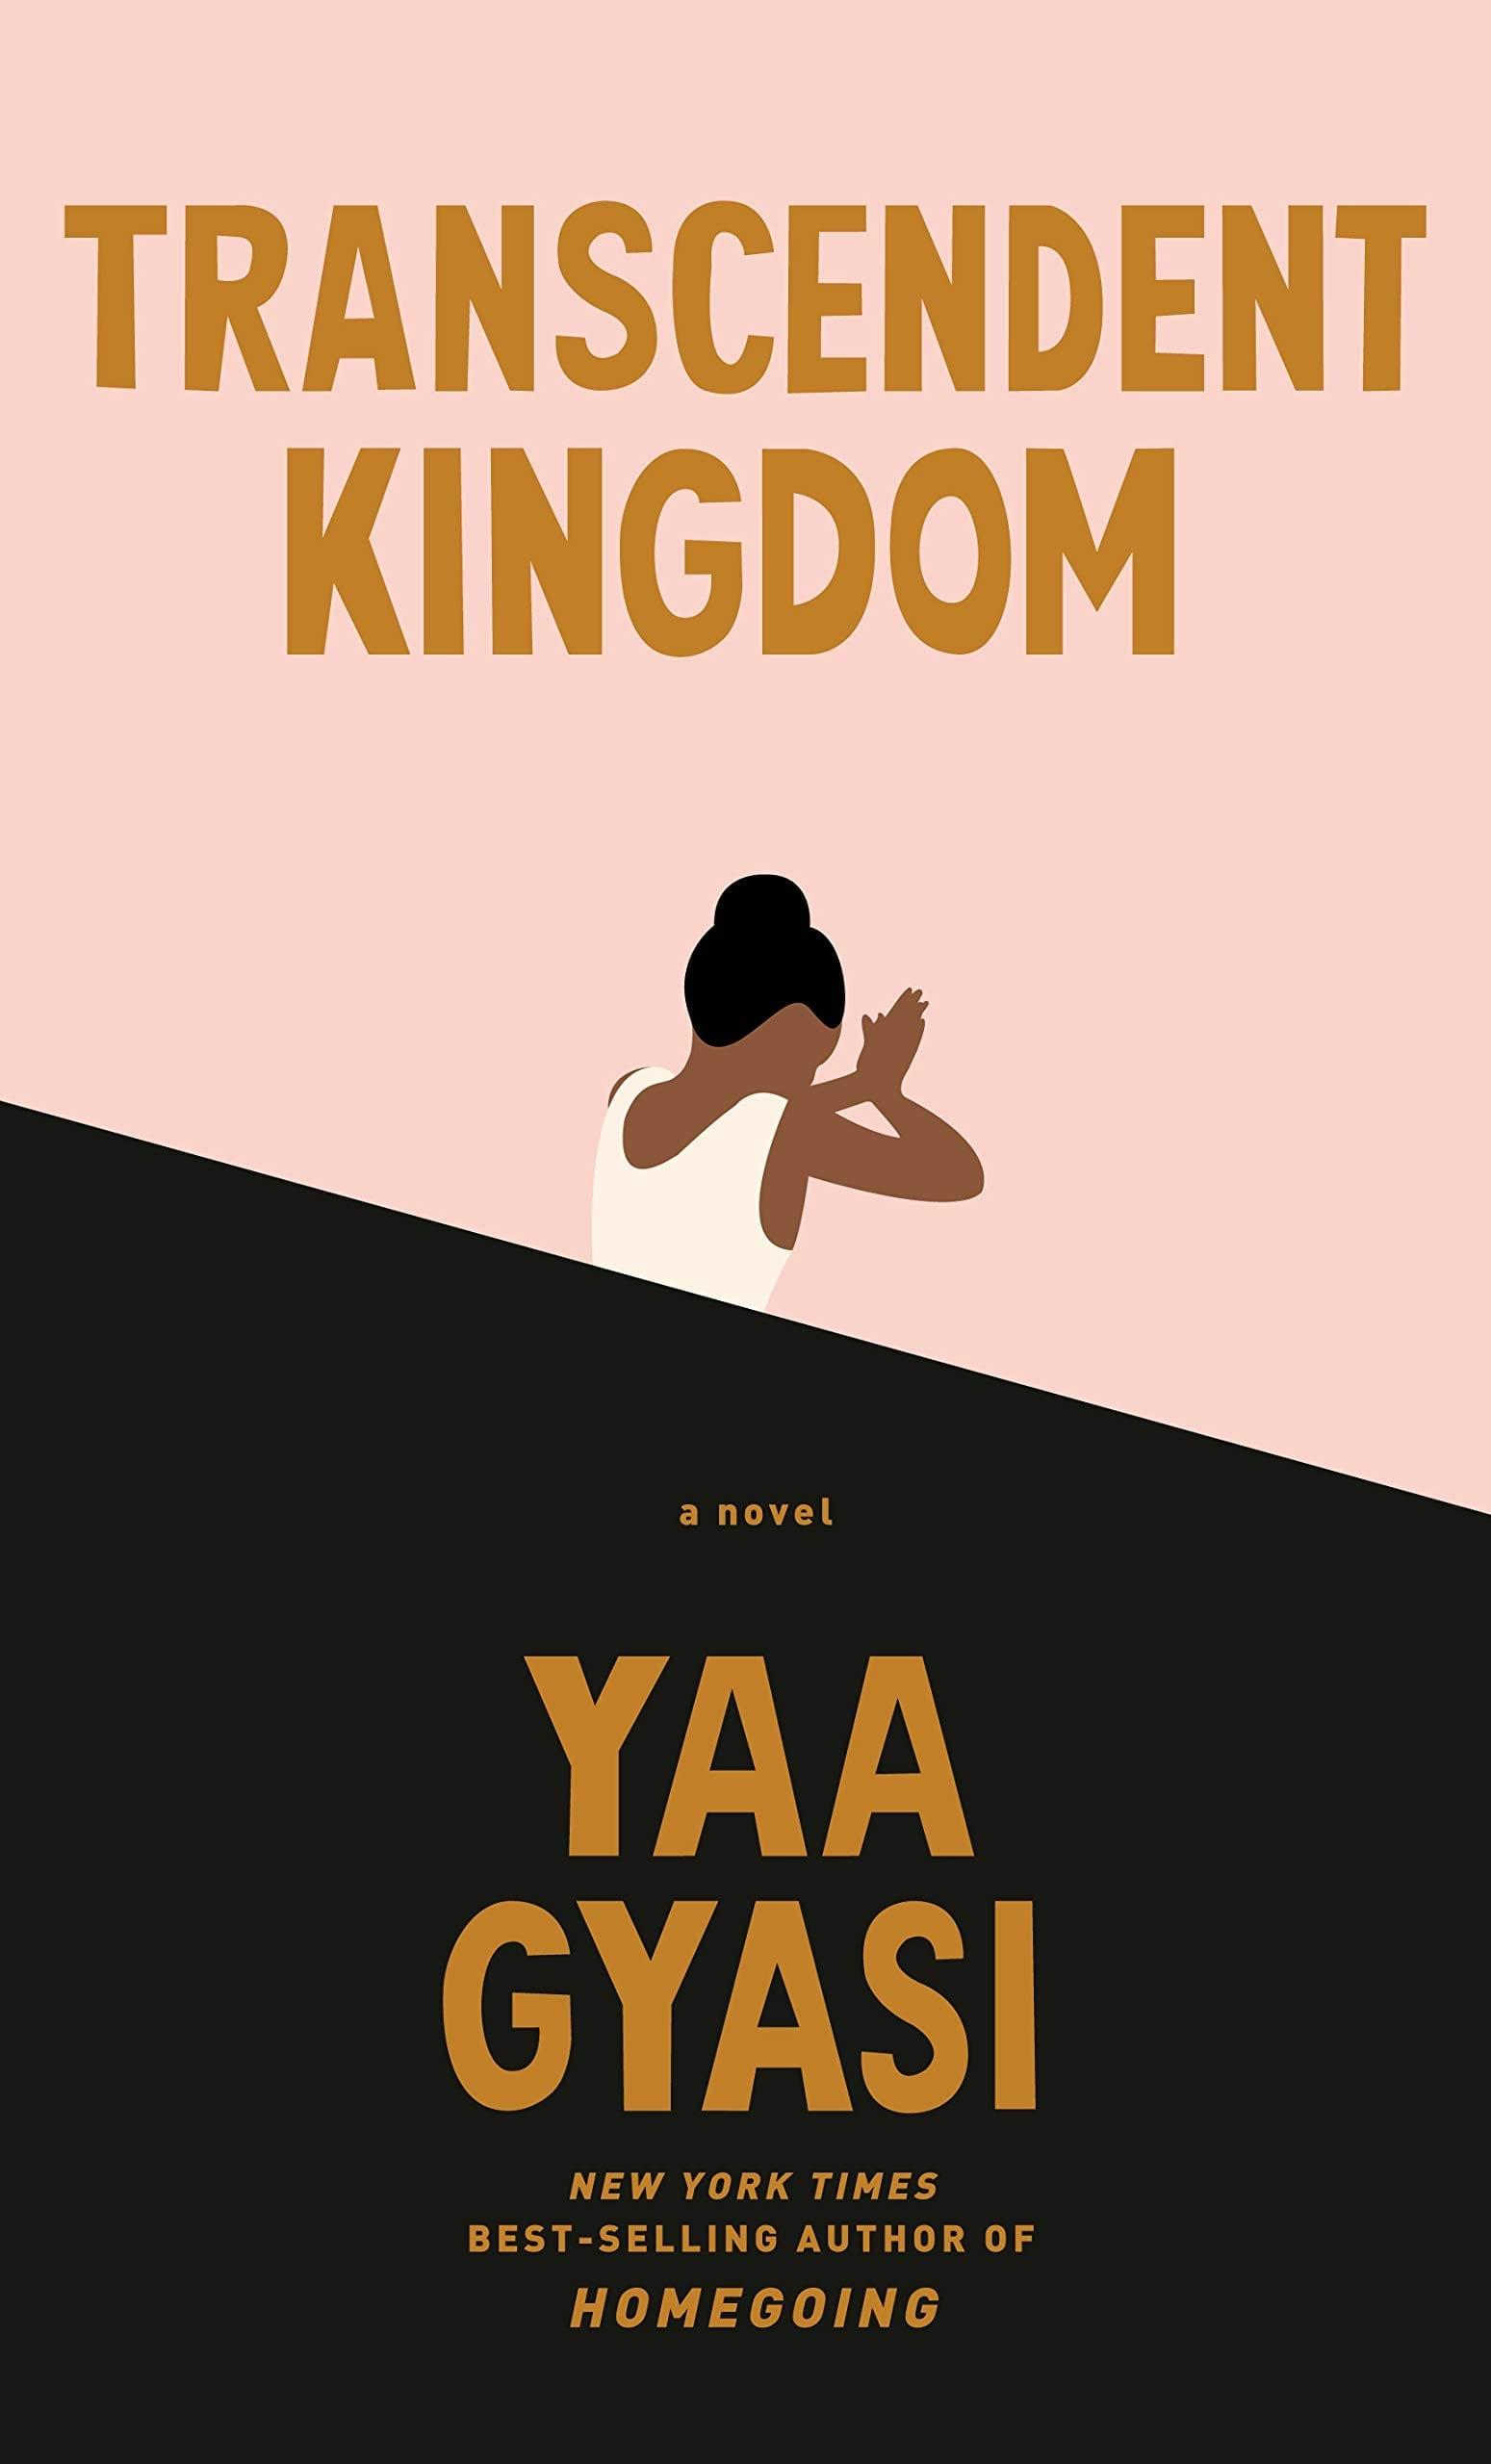 African Diaspora Literature - Transcendent Kingdom